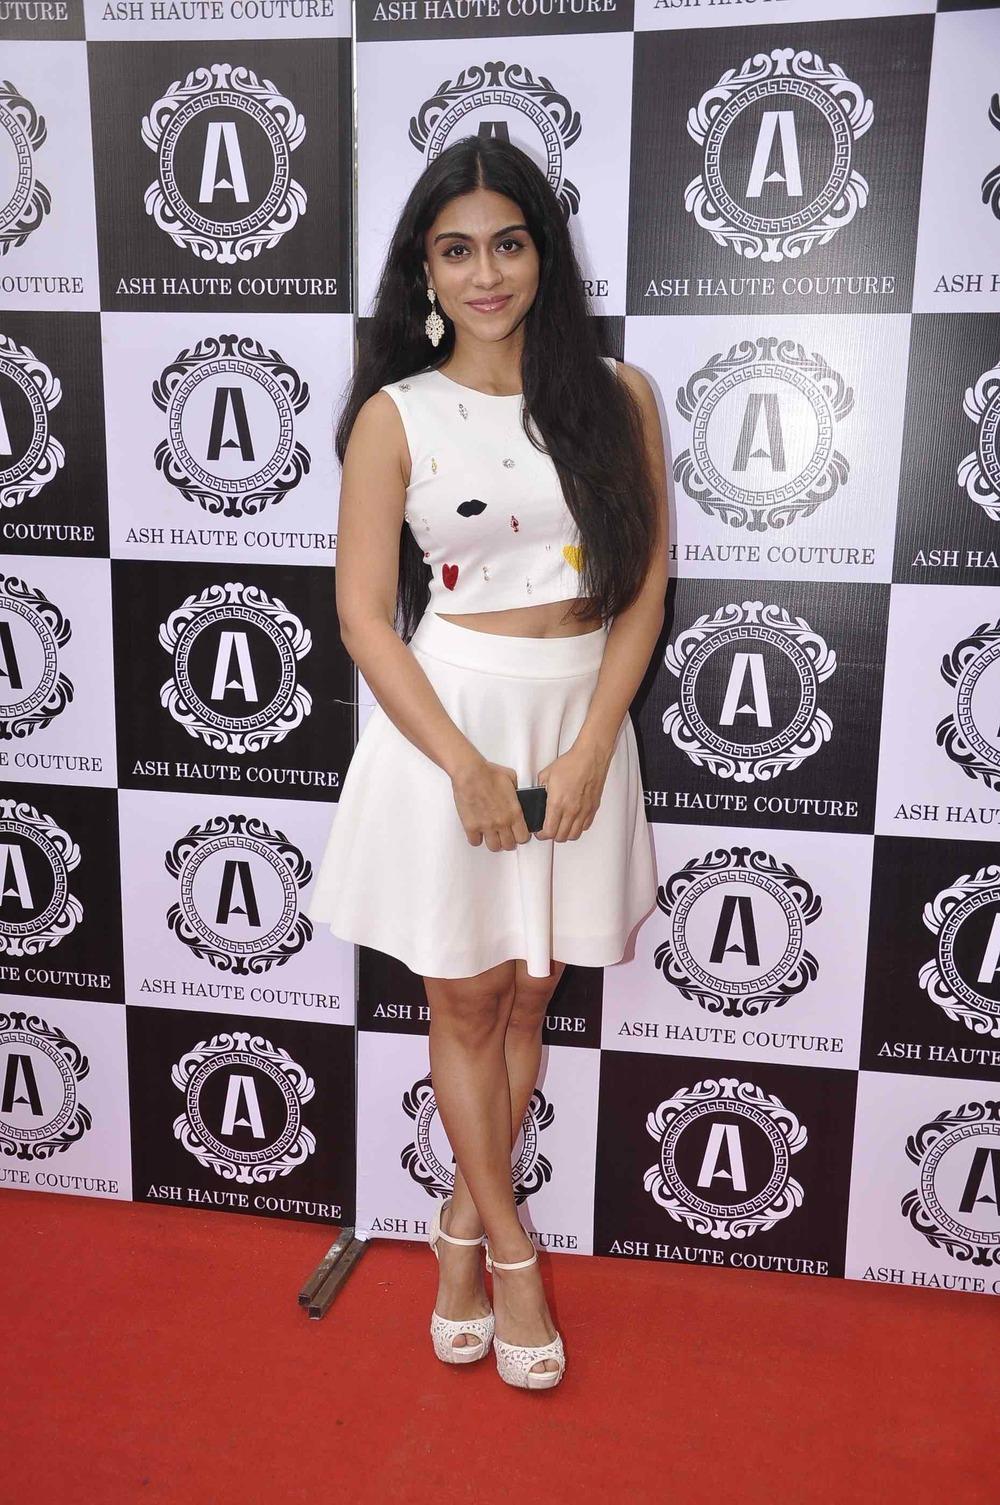 Zoa Morani in Ashna Kalra Ash Haute Couture